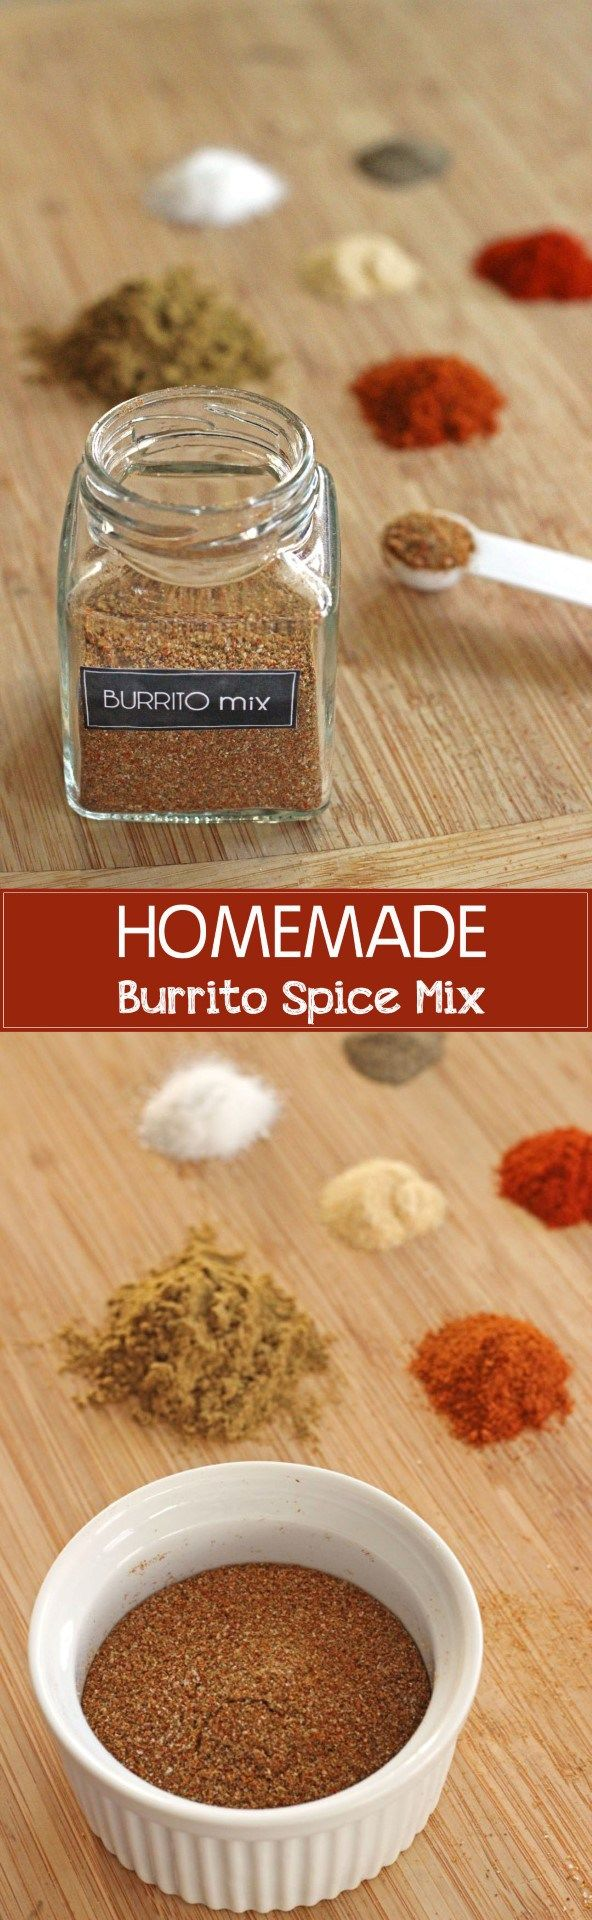 Blue apron quesadilla spice blend - Homemade Burrito Spice Mix